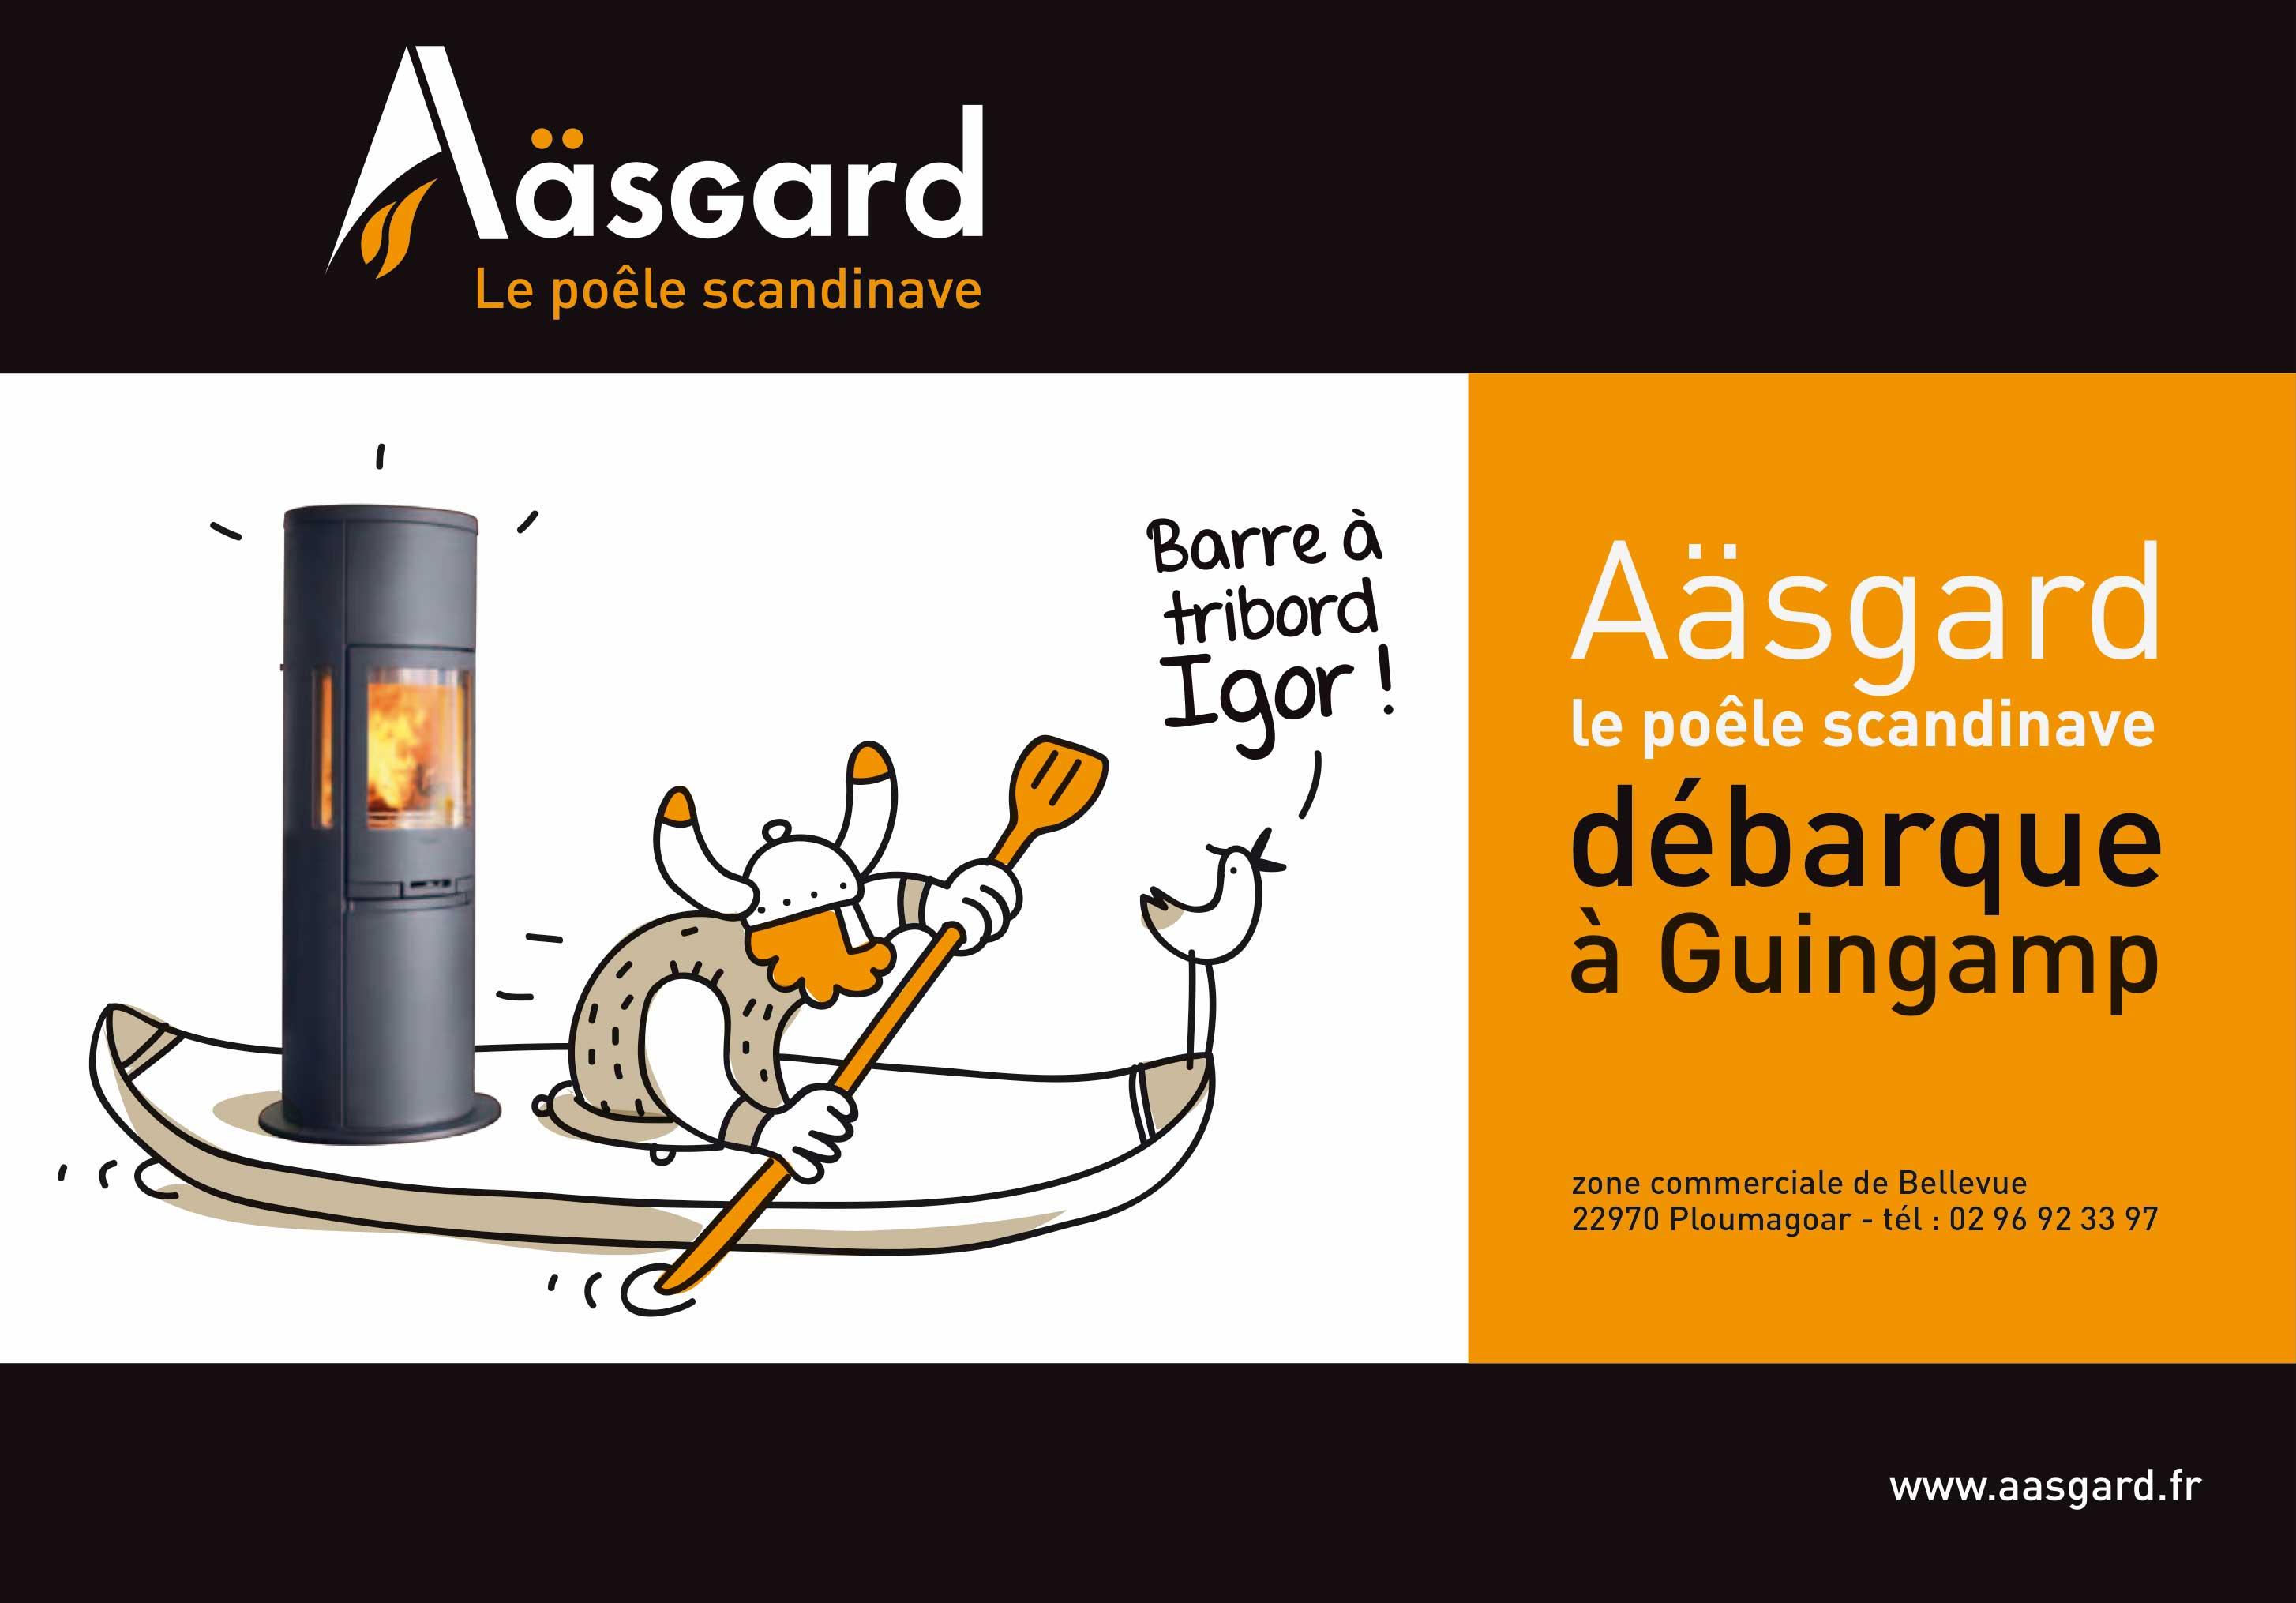 Aasgard Guingamp Affiche